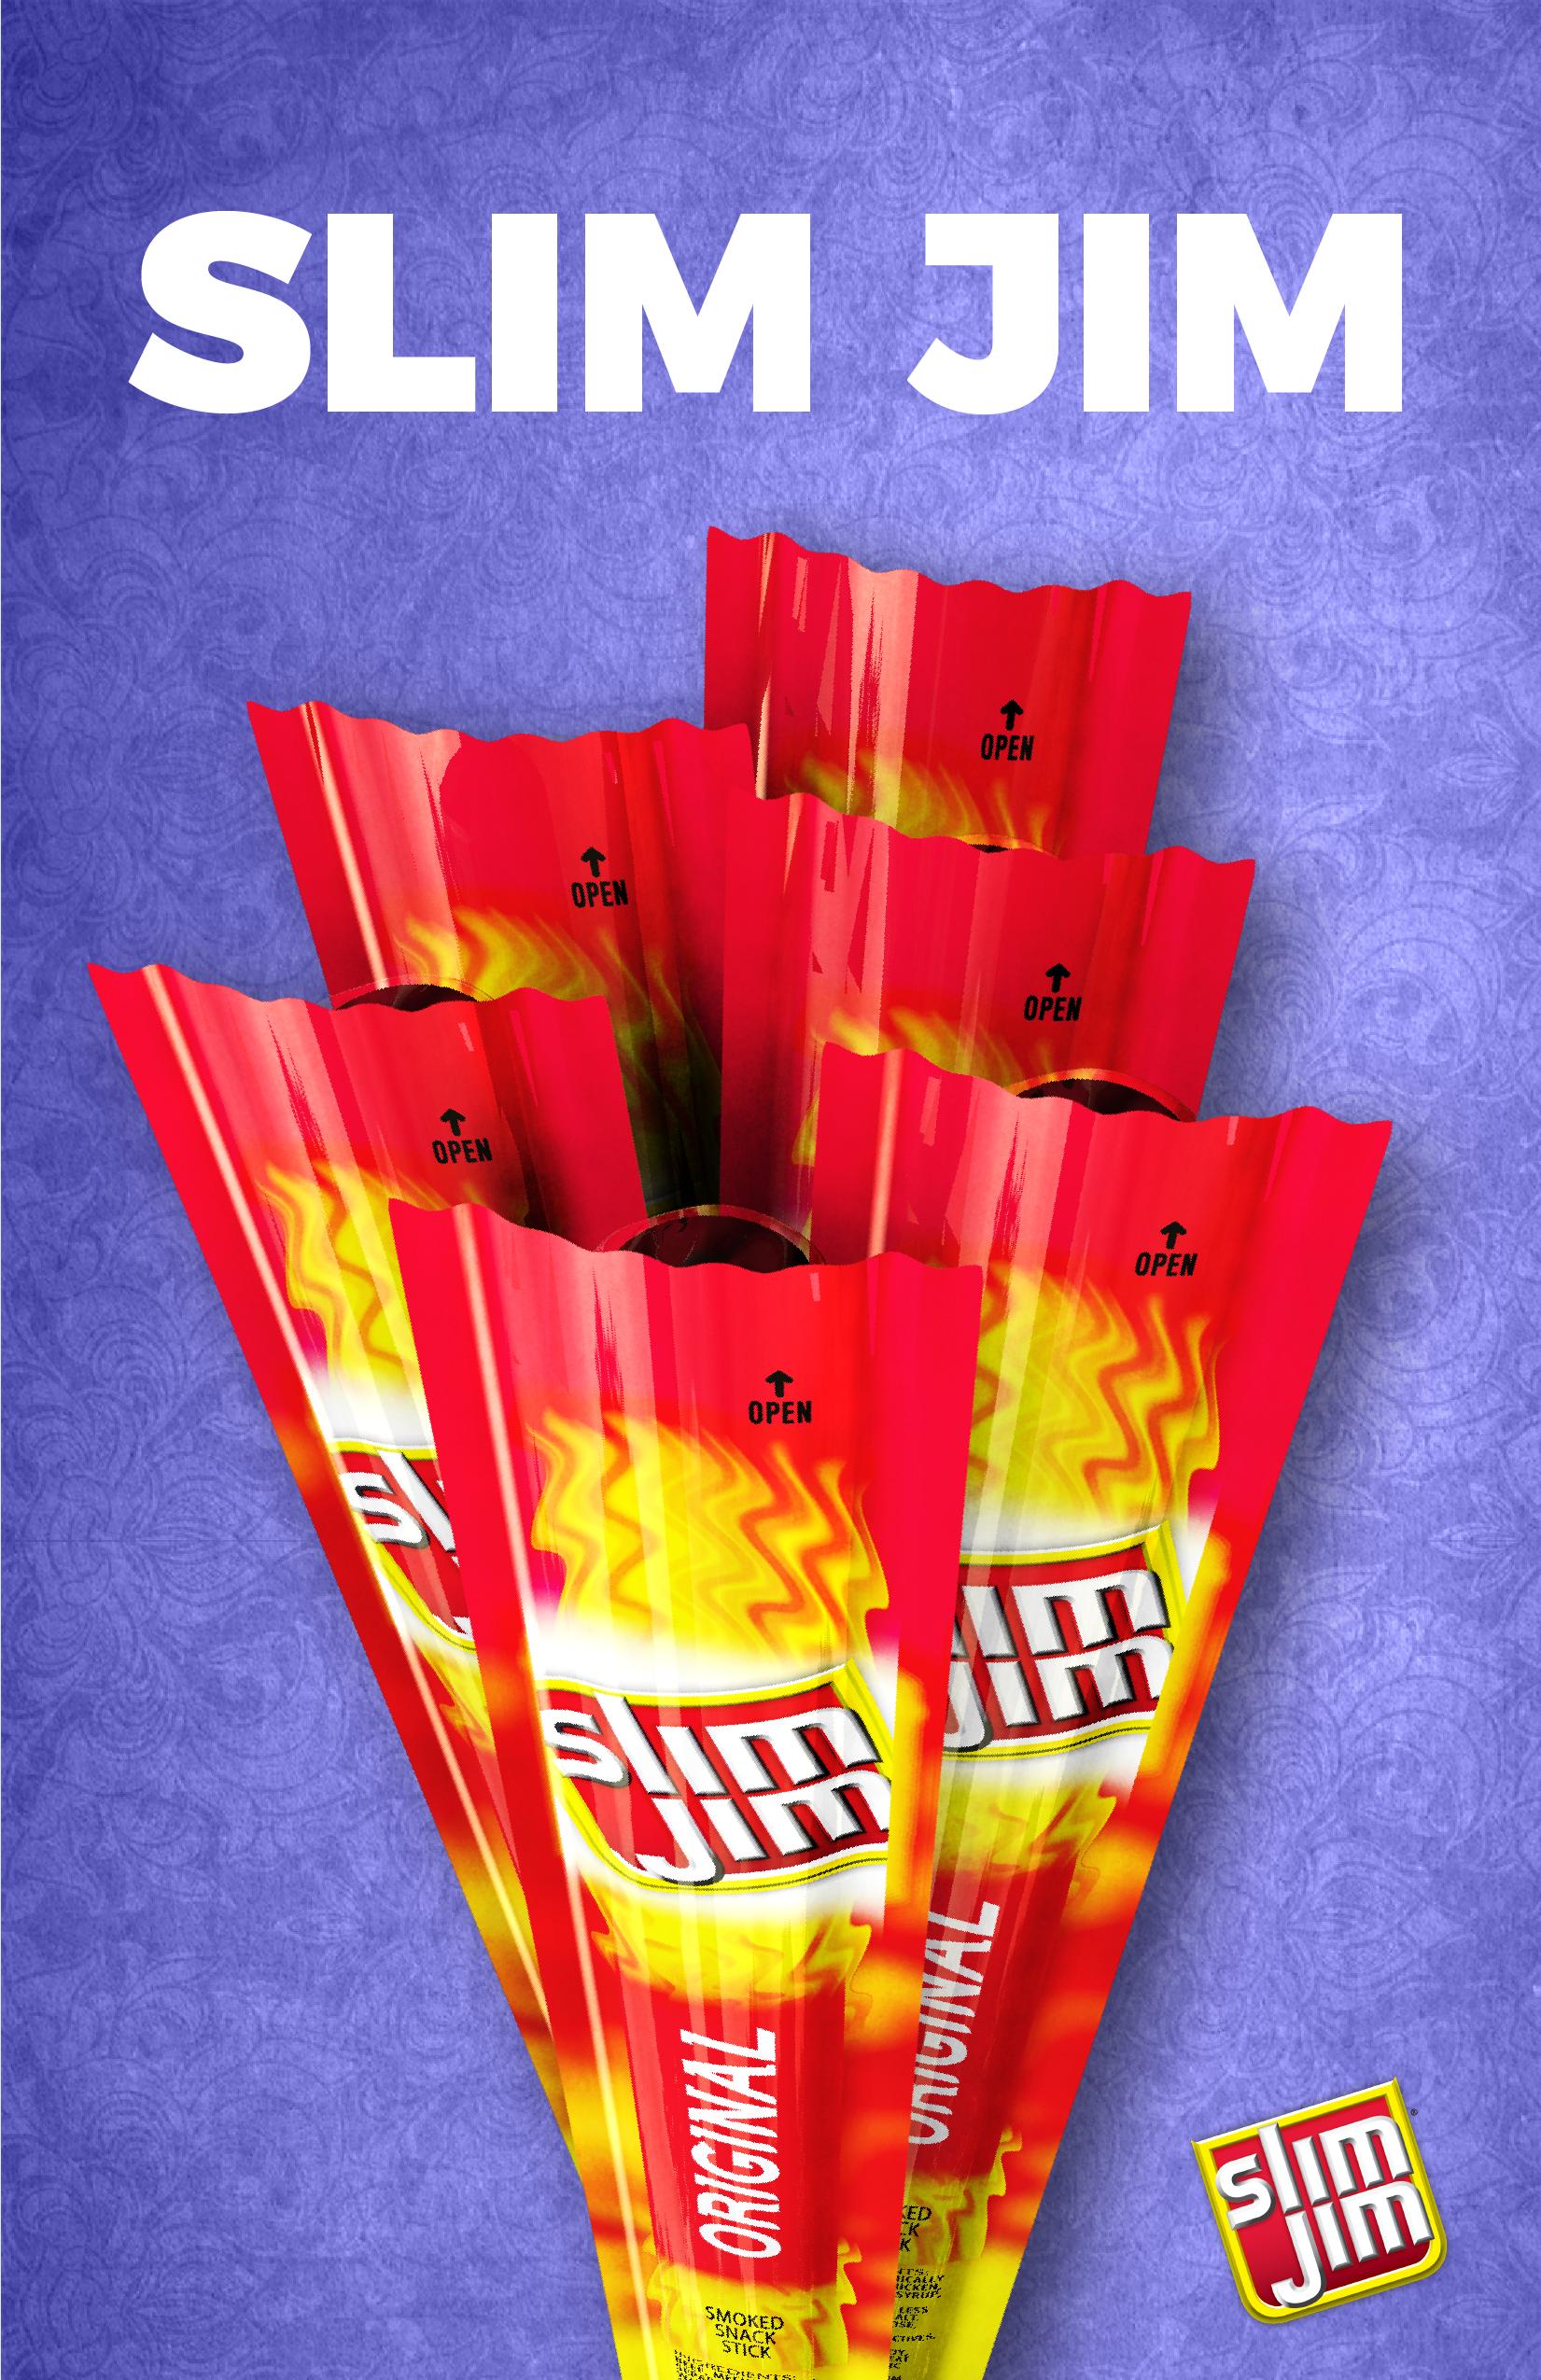 Slim jim posters-03.png